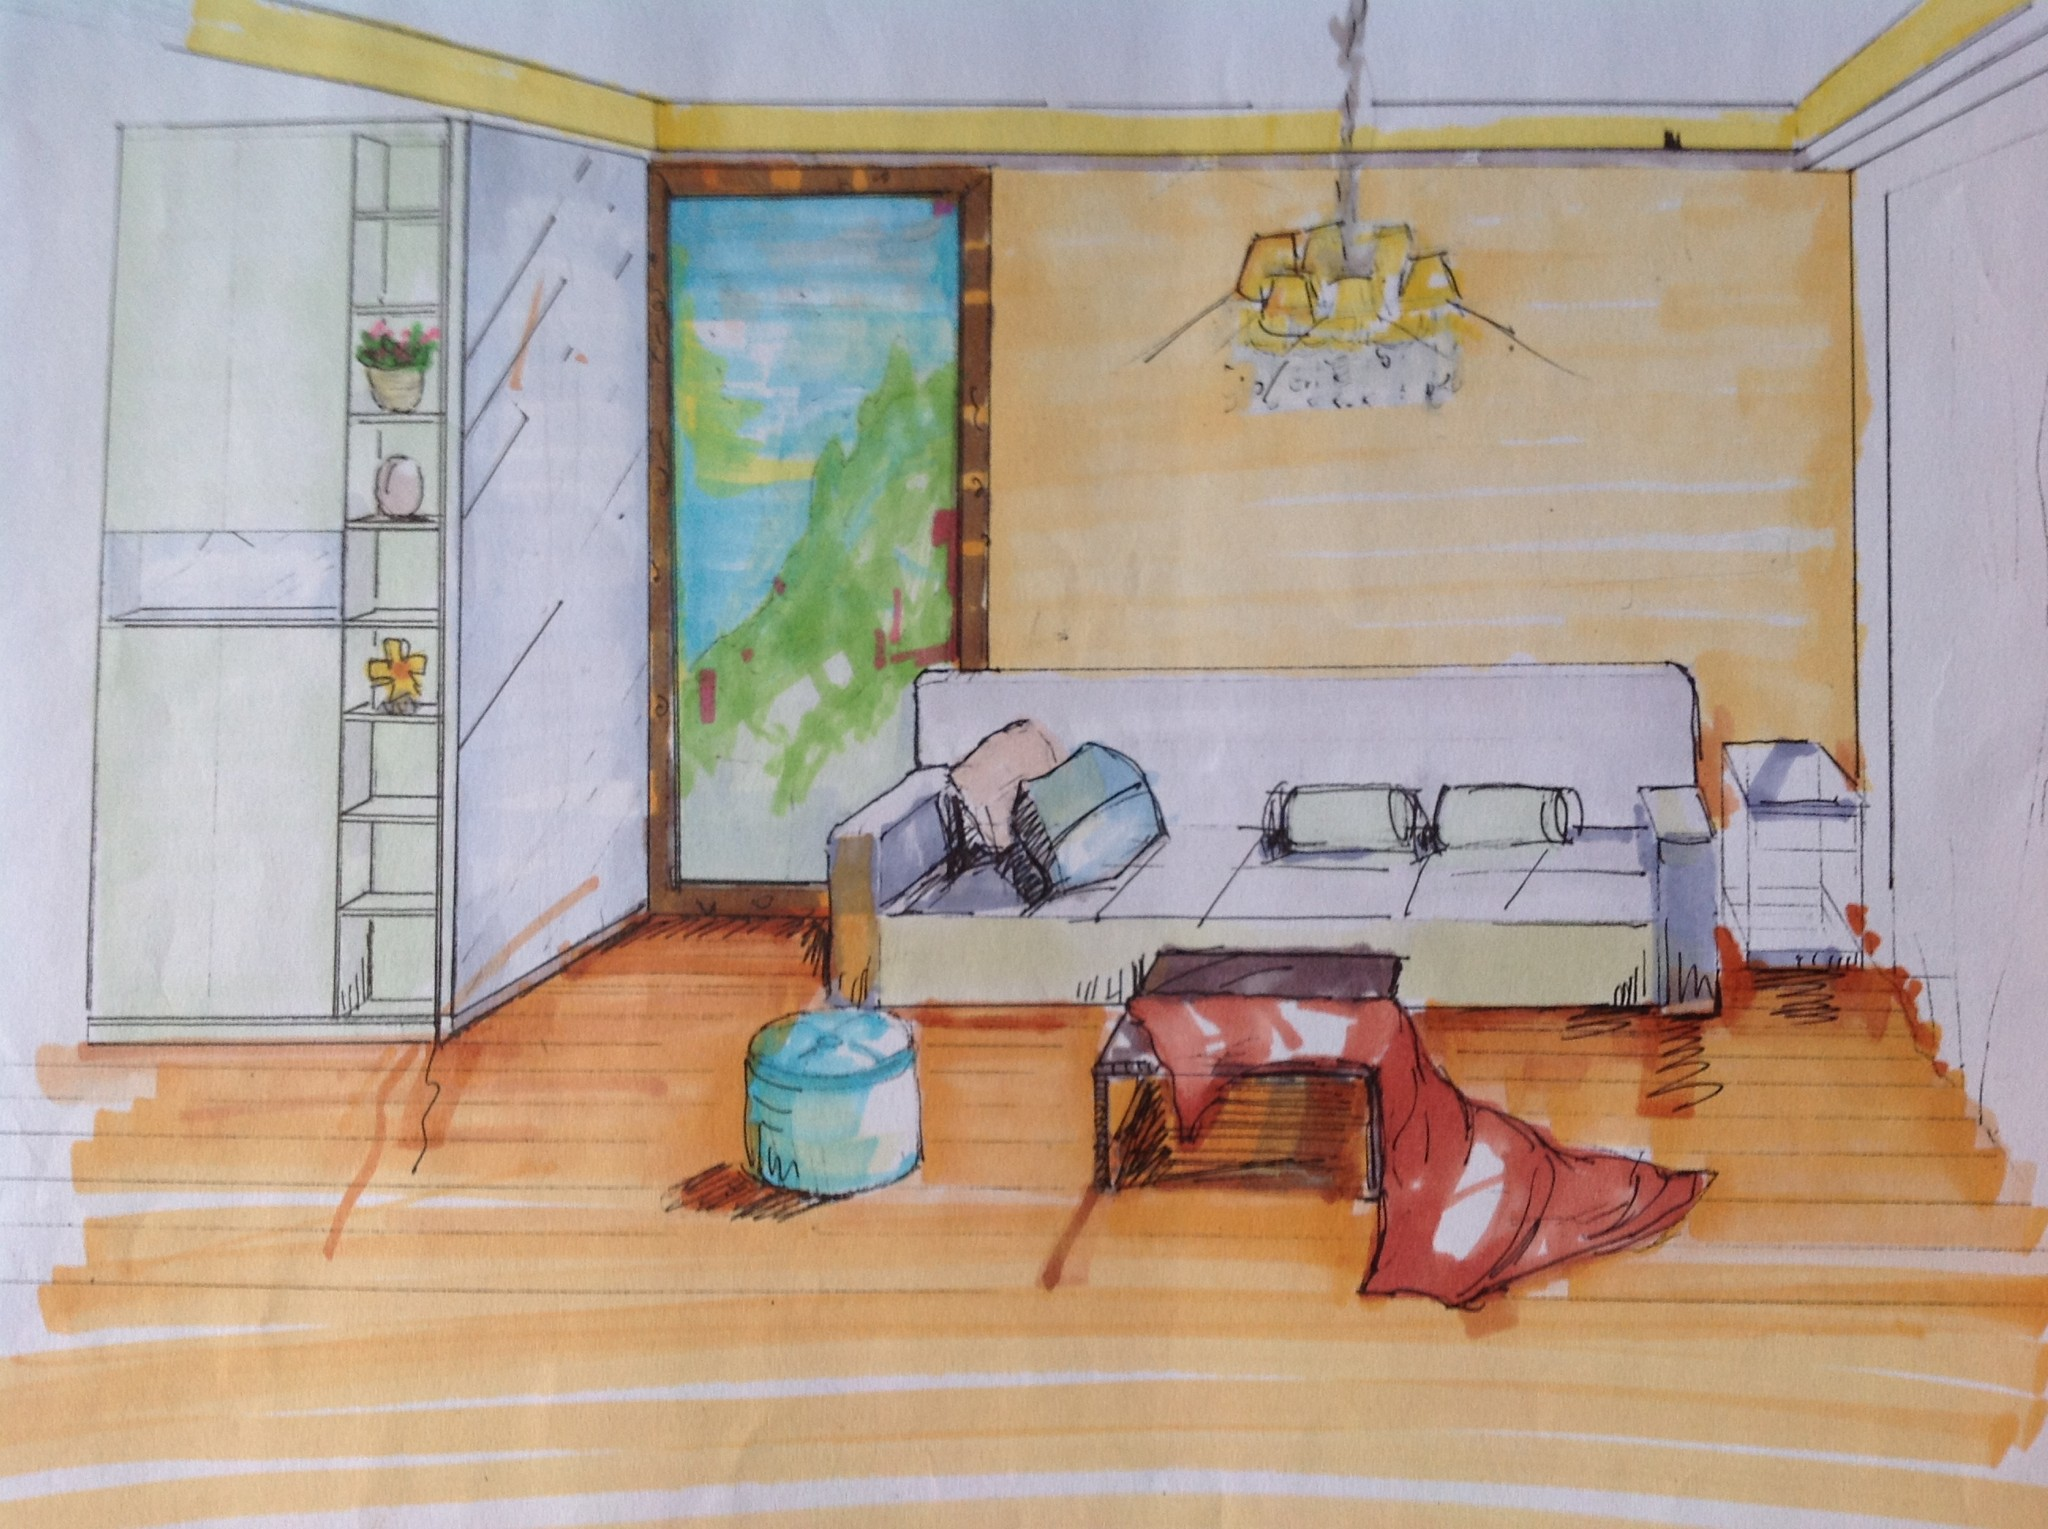 上手绘图~~客厅